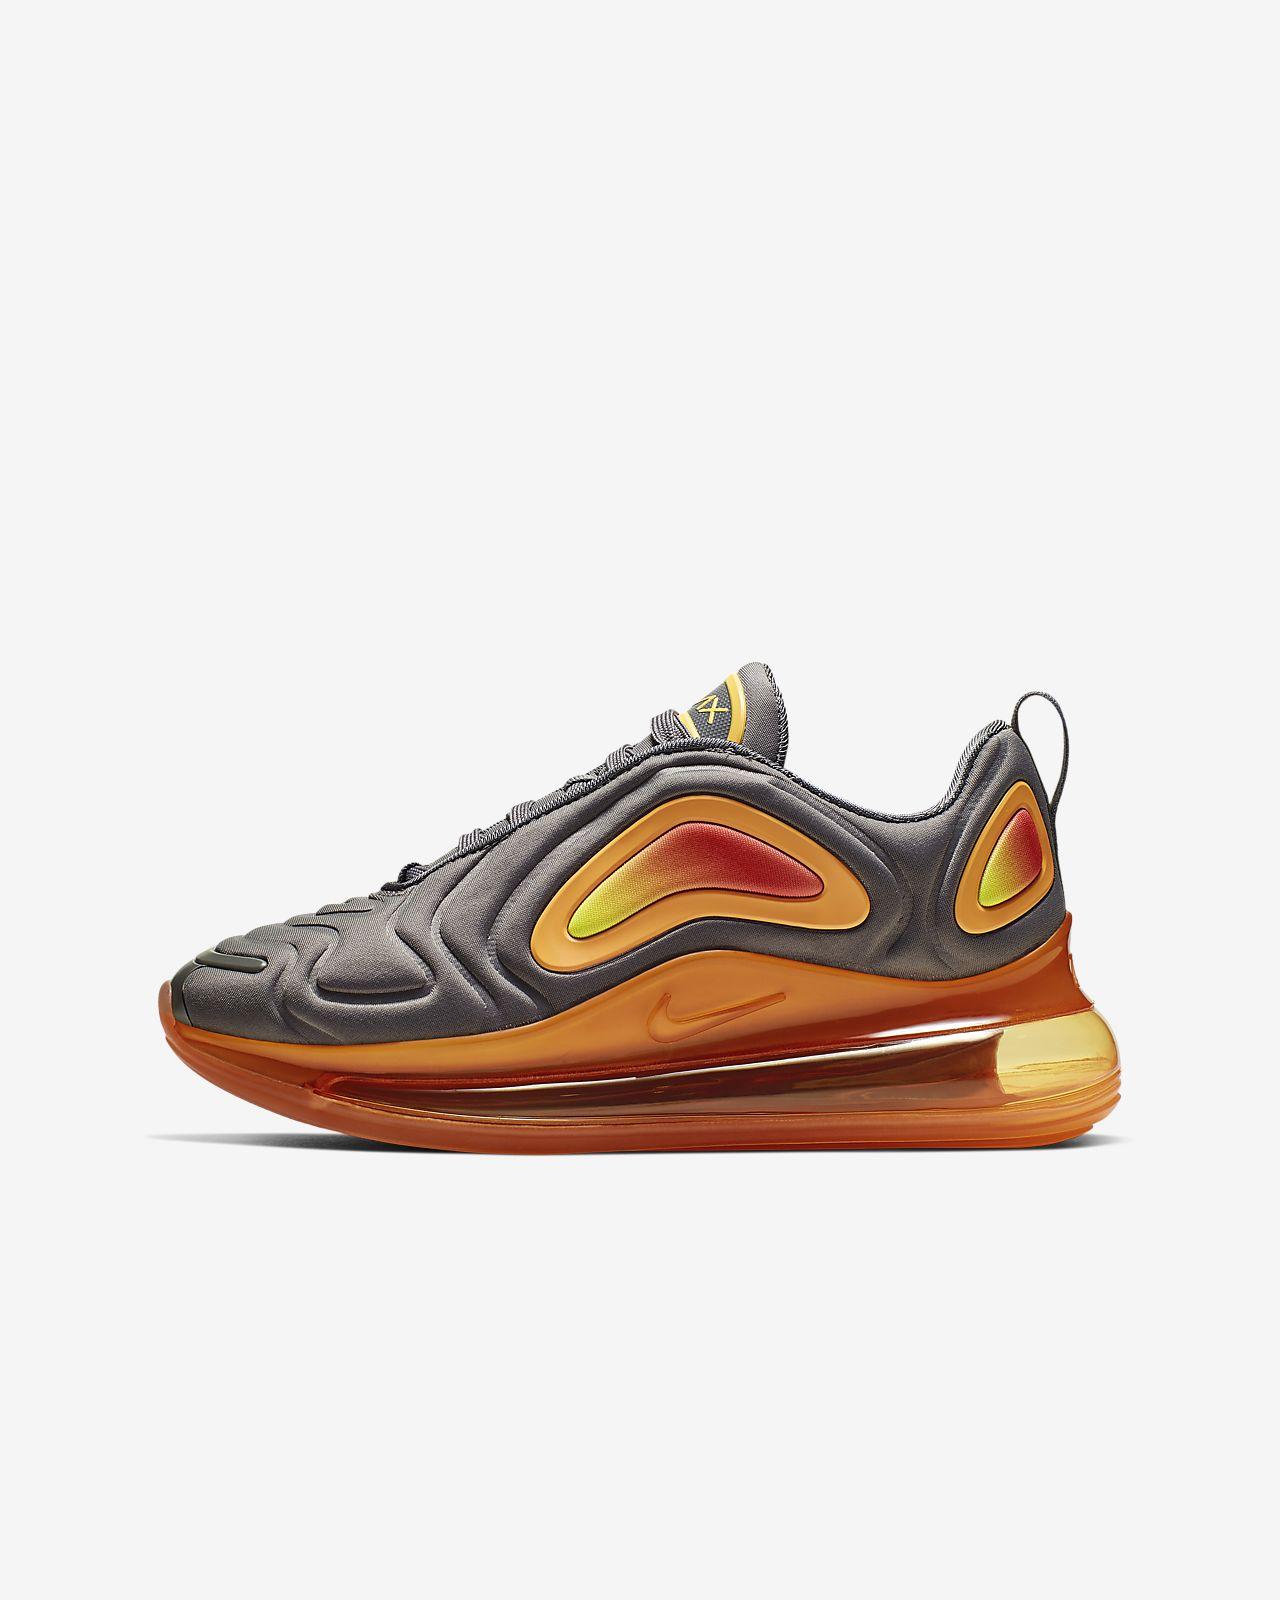 Παπούτσι Nike Air Max 720 για μικρά/μεγάλα παιδιά